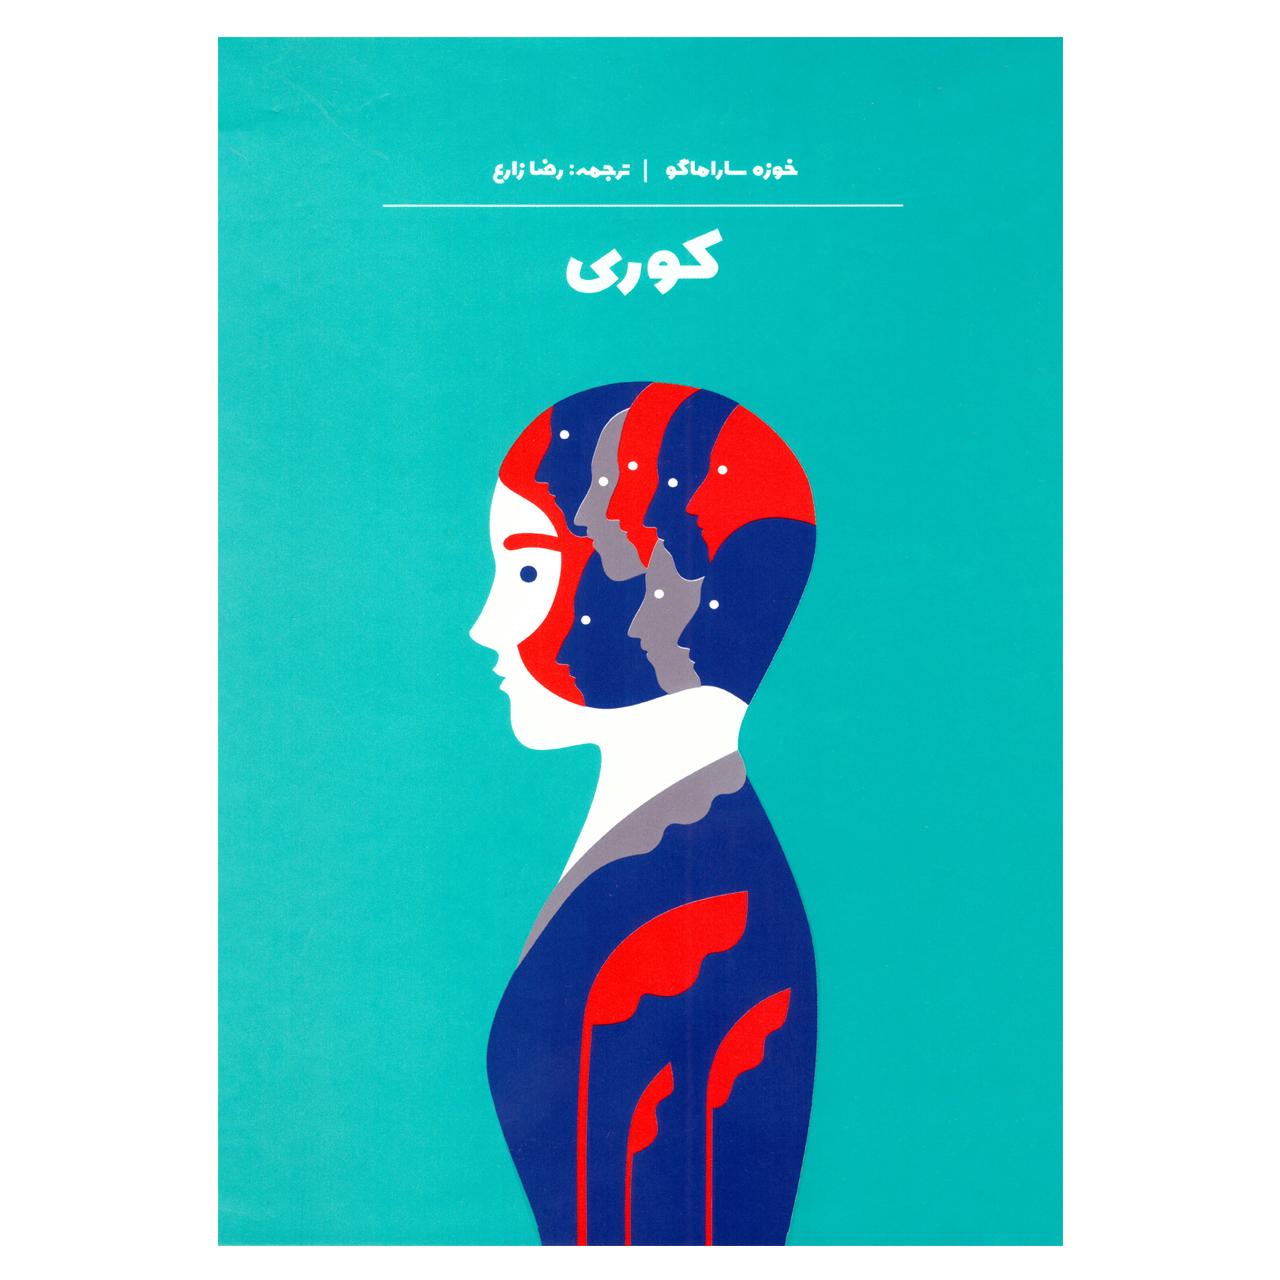 خرید                      کتاب کوری اثر خوزه (ژوزه) ساراماگو نشر آثار نور